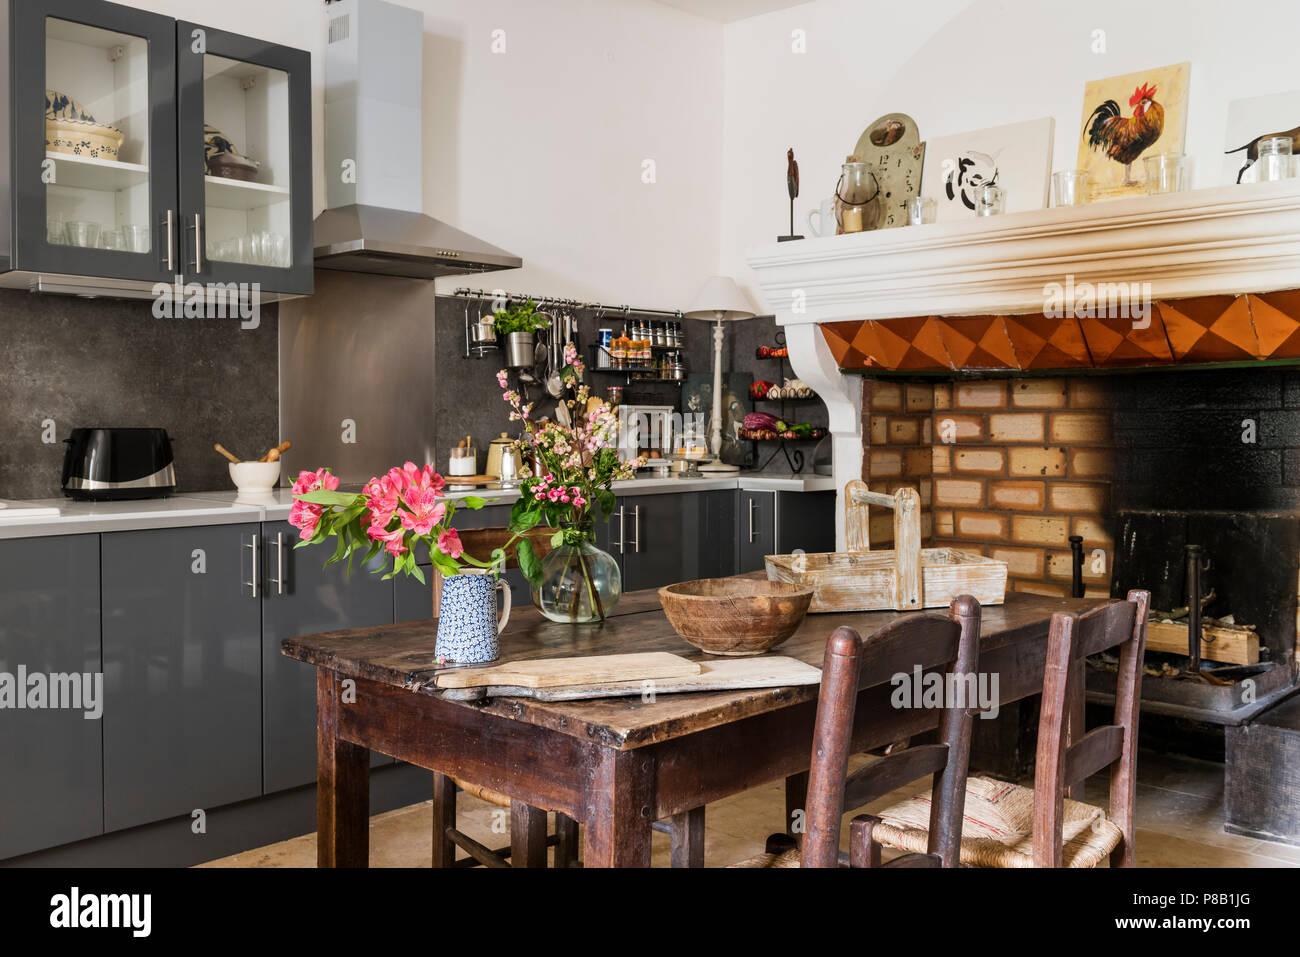 Cucina moderna con antico camino trattenuto. Xix secolo tavolo e ...